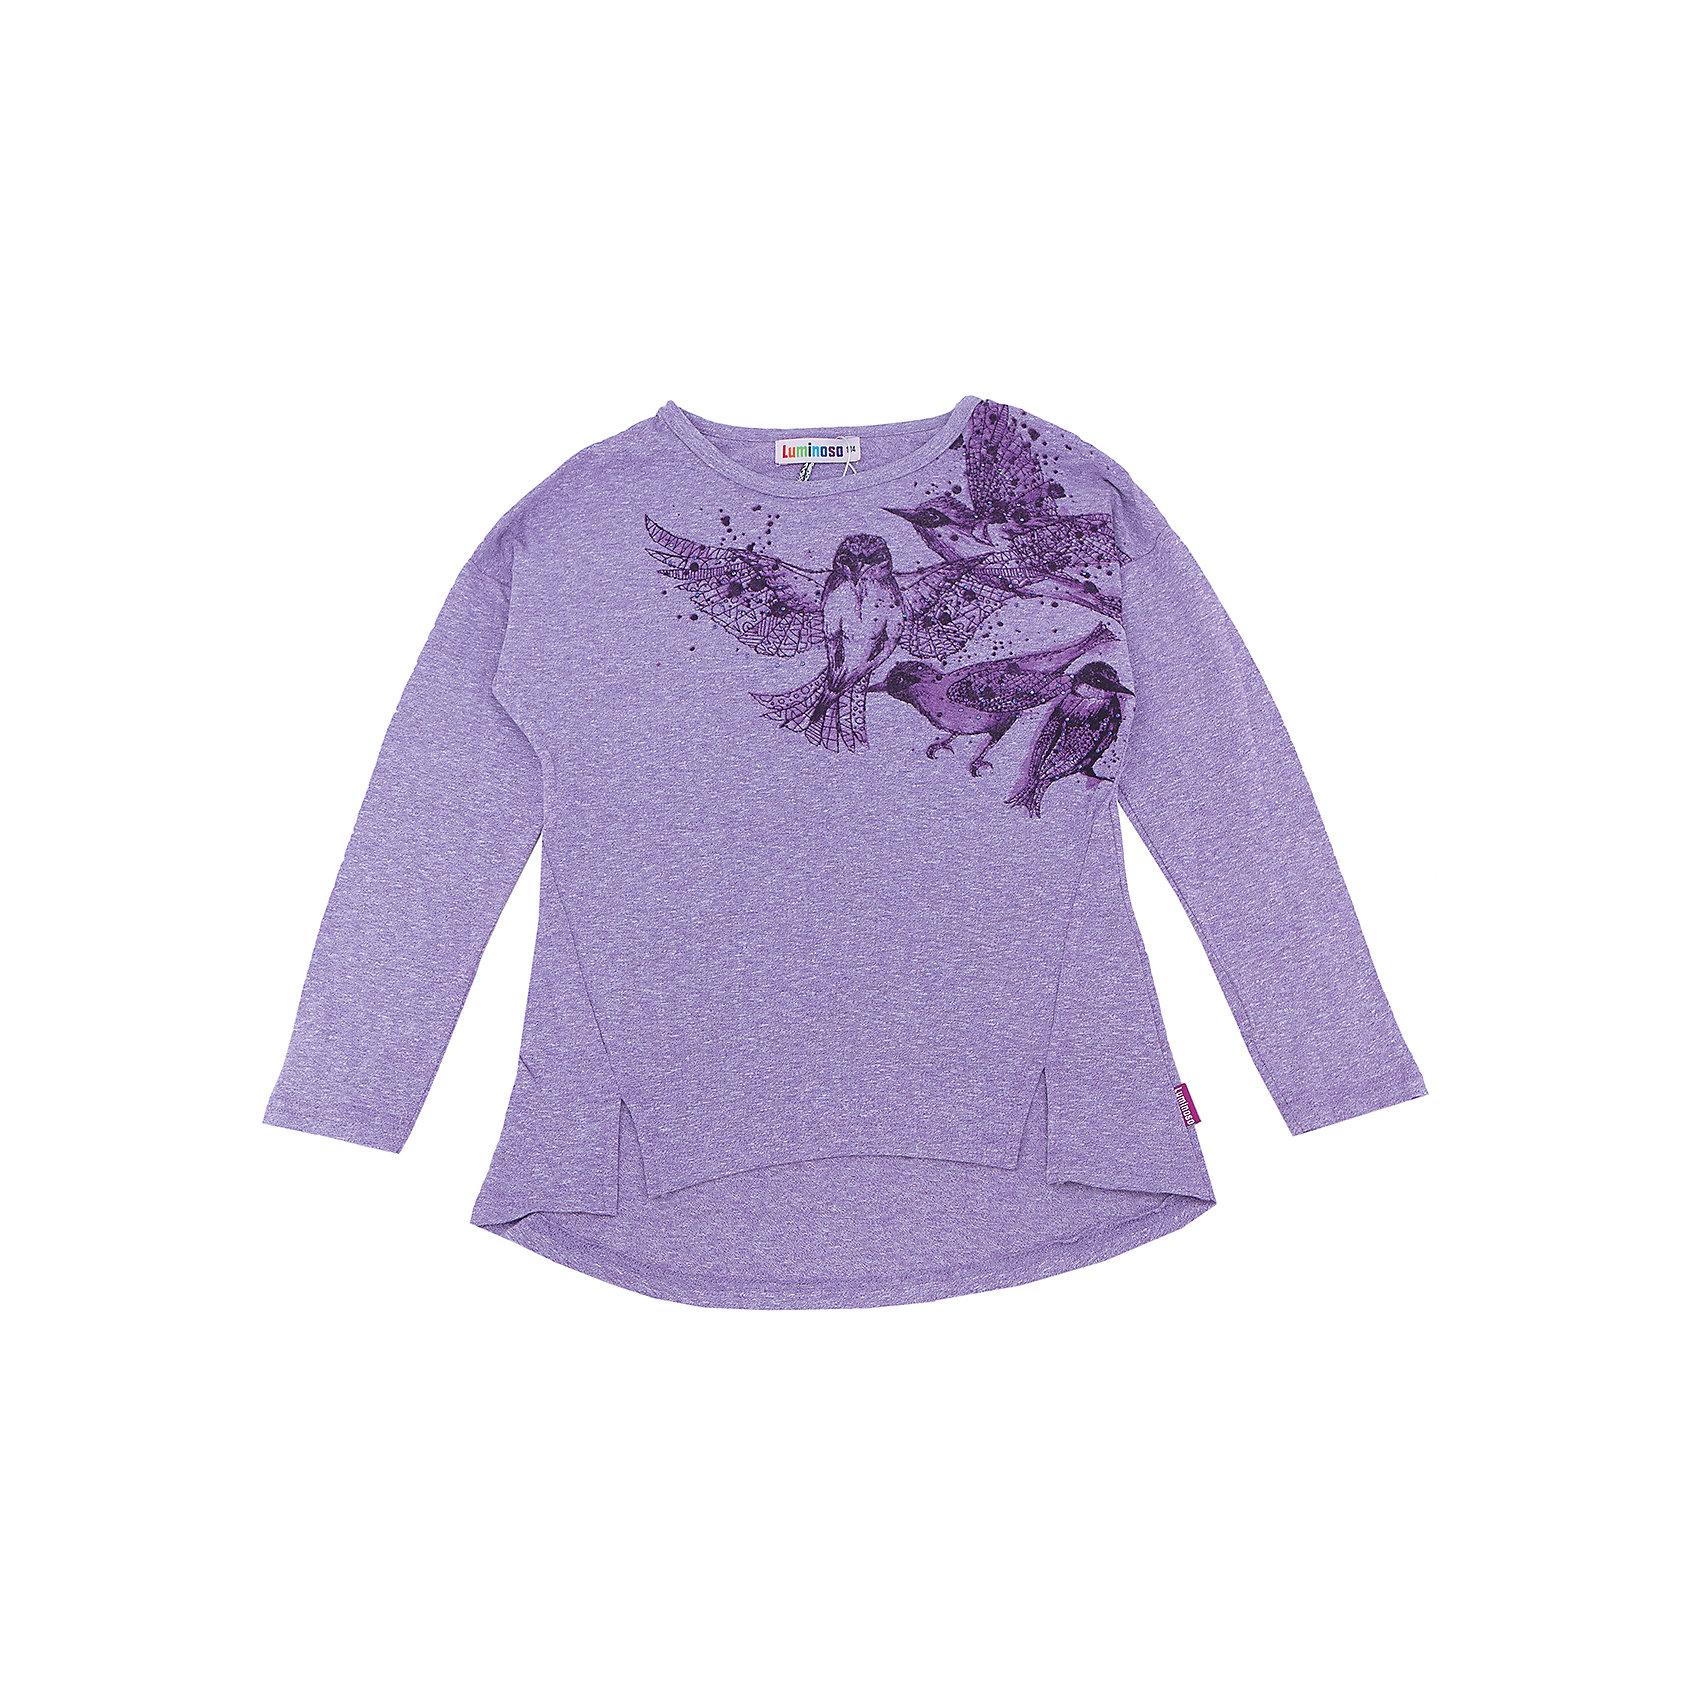 Футболка с длинным рукавом для девочки LuminosoФутболки с длинным рукавом<br>Характеристики товара:<br><br>- цвет: фиолетовый;<br>- материал: 75% хлопок 20%вискоза 5%эластан;<br>- декорирована принтом;<br>- длинный рукав;<br>- округлый горловой вырез.<br><br>Стильная одежда от бренда Luminoso (Люминосо), созданная при участии итальянских дизайнеров, учитывает потребности подростков и последние веяния моды. Она удобная и модная.<br>Эта футболка с длинным рукавом выглядит стильно и нарядно, но при этом подходит для ежедневного ношения. Он хорошо сидит на ребенке, обеспечивает комфорт и отлично сочетается с одежной разных стилей. Модель отличается высоким качеством материала и продуманным дизайном. Натуральный хлопок в составе изделия делает его дышащим, приятным на ощупь и гипоаллергеным.<br><br>Футболку с длинным рукавом для девочки от бренда Luminoso (Люминосо) можно купить в нашем интернет-магазине.<br><br>Ширина мм: 230<br>Глубина мм: 40<br>Высота мм: 220<br>Вес г: 250<br>Цвет: лиловый<br>Возраст от месяцев: 144<br>Возраст до месяцев: 156<br>Пол: Женский<br>Возраст: Детский<br>Размер: 158,164,134,140,146,152<br>SKU: 4929521